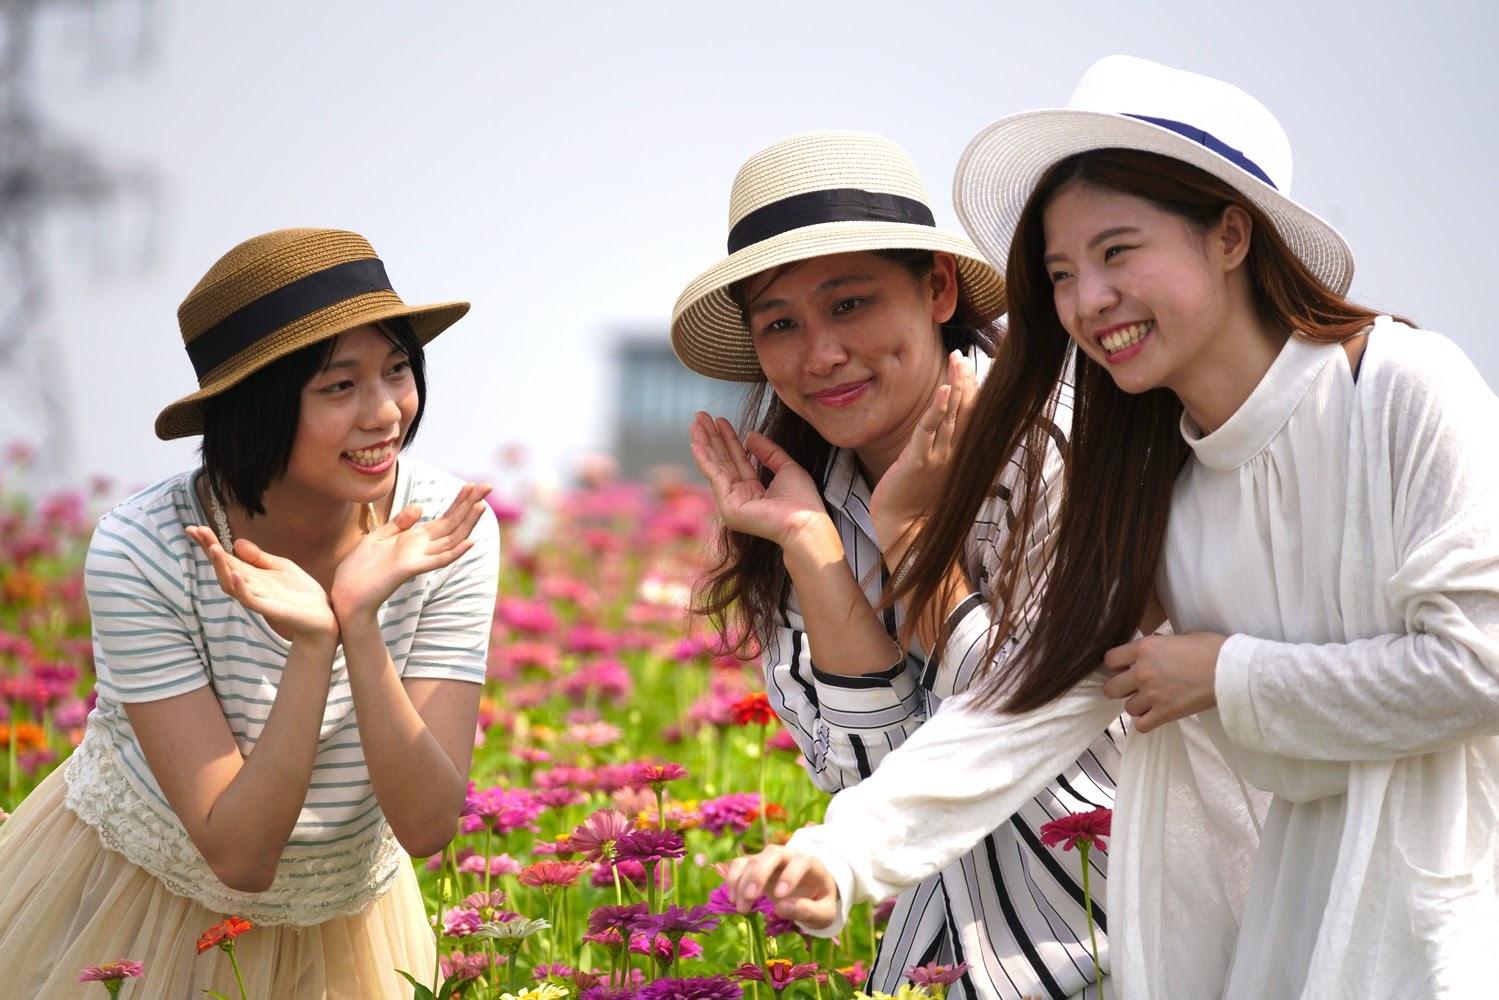 18.青春不要留白!三五好友共享歡樂時光!